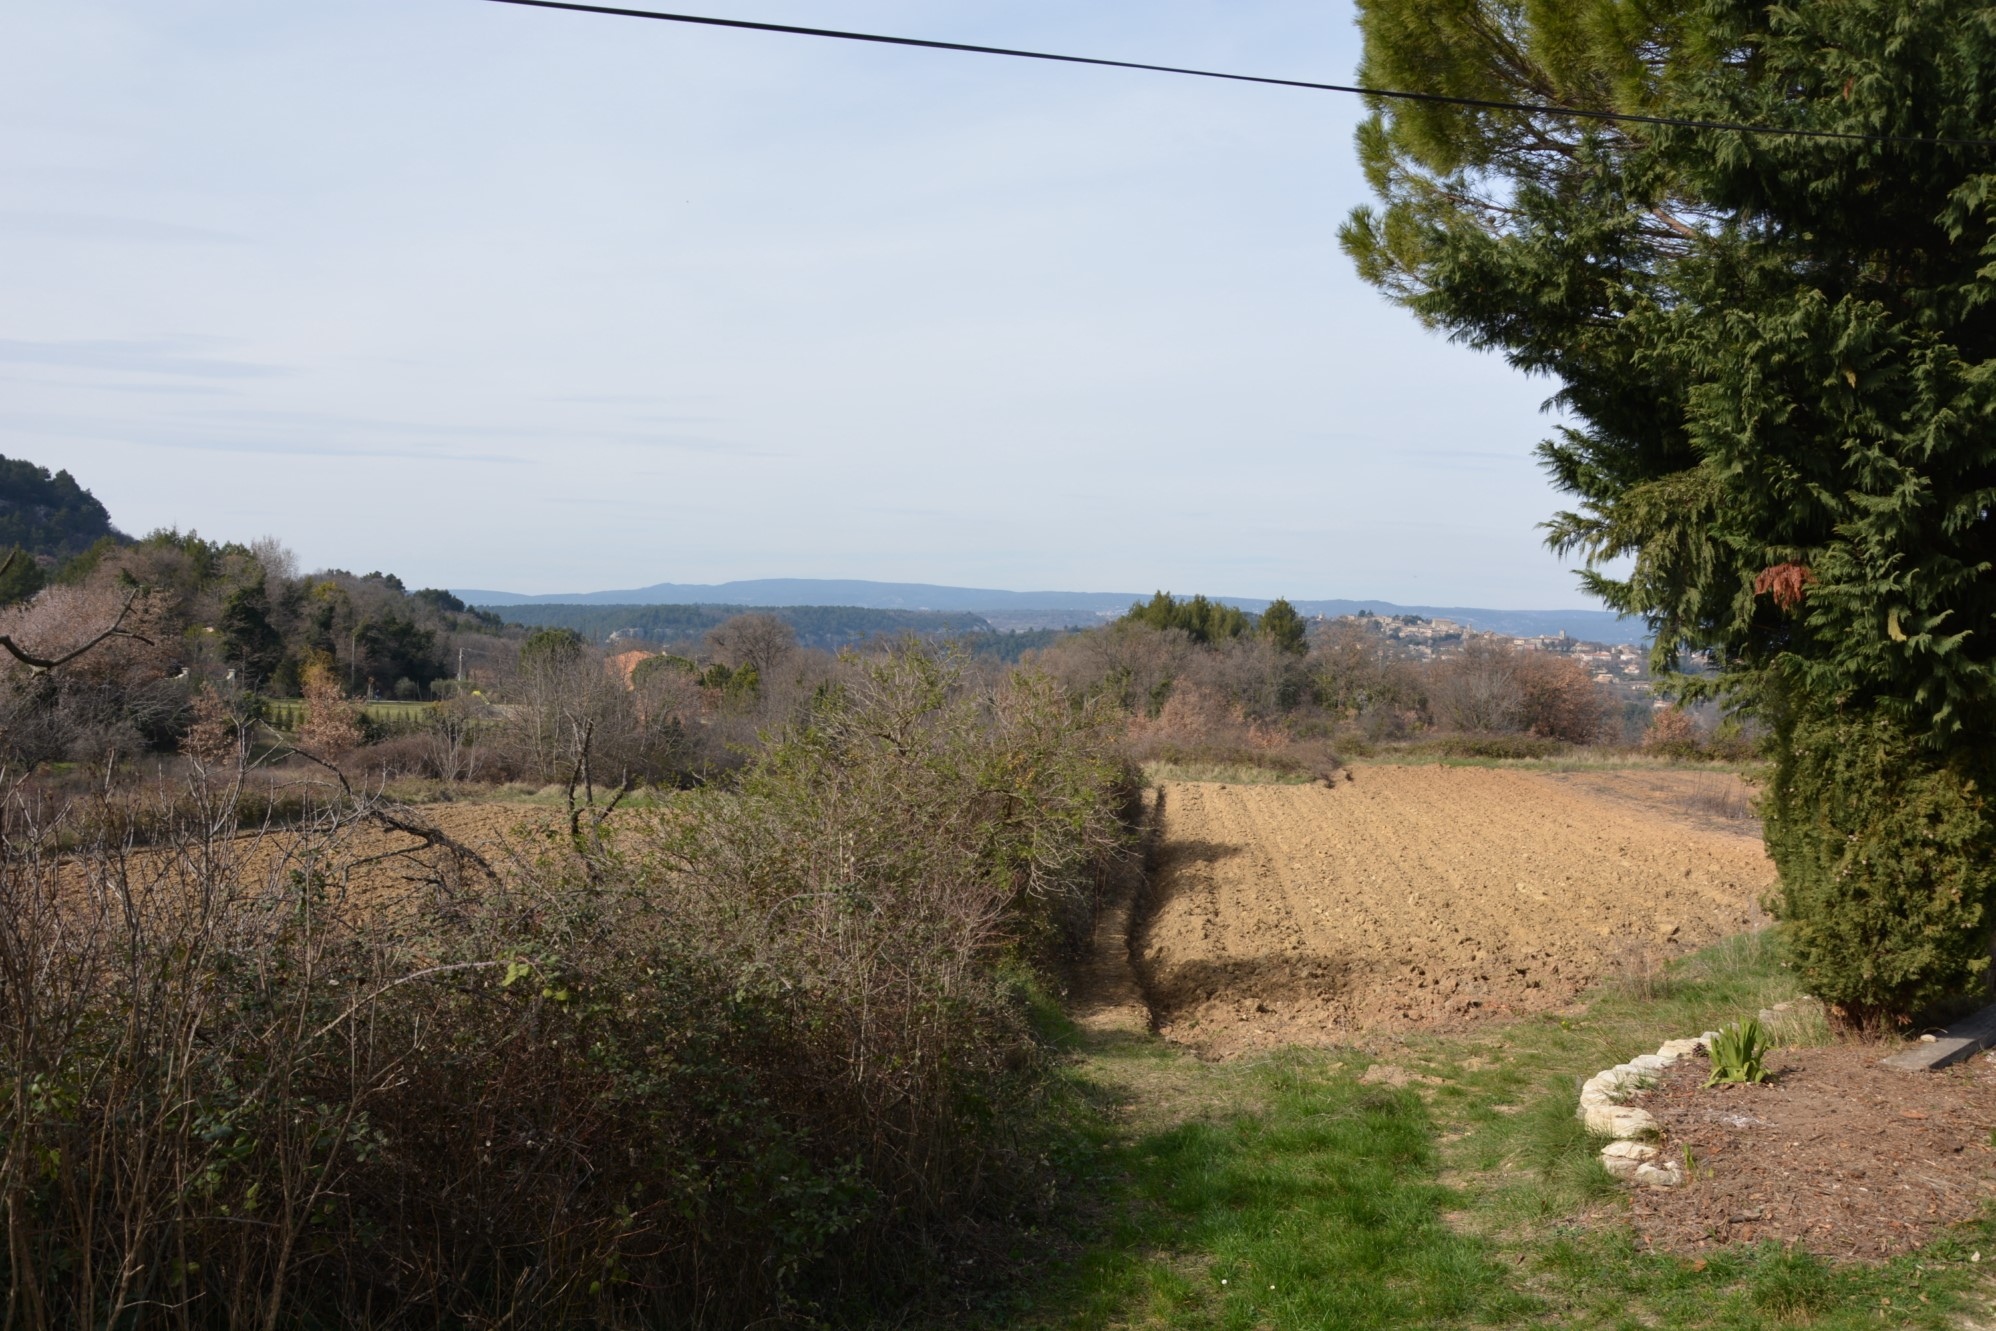 Authentique maison de hameau à vendre à Goult dans un cadre idyllique avec vue